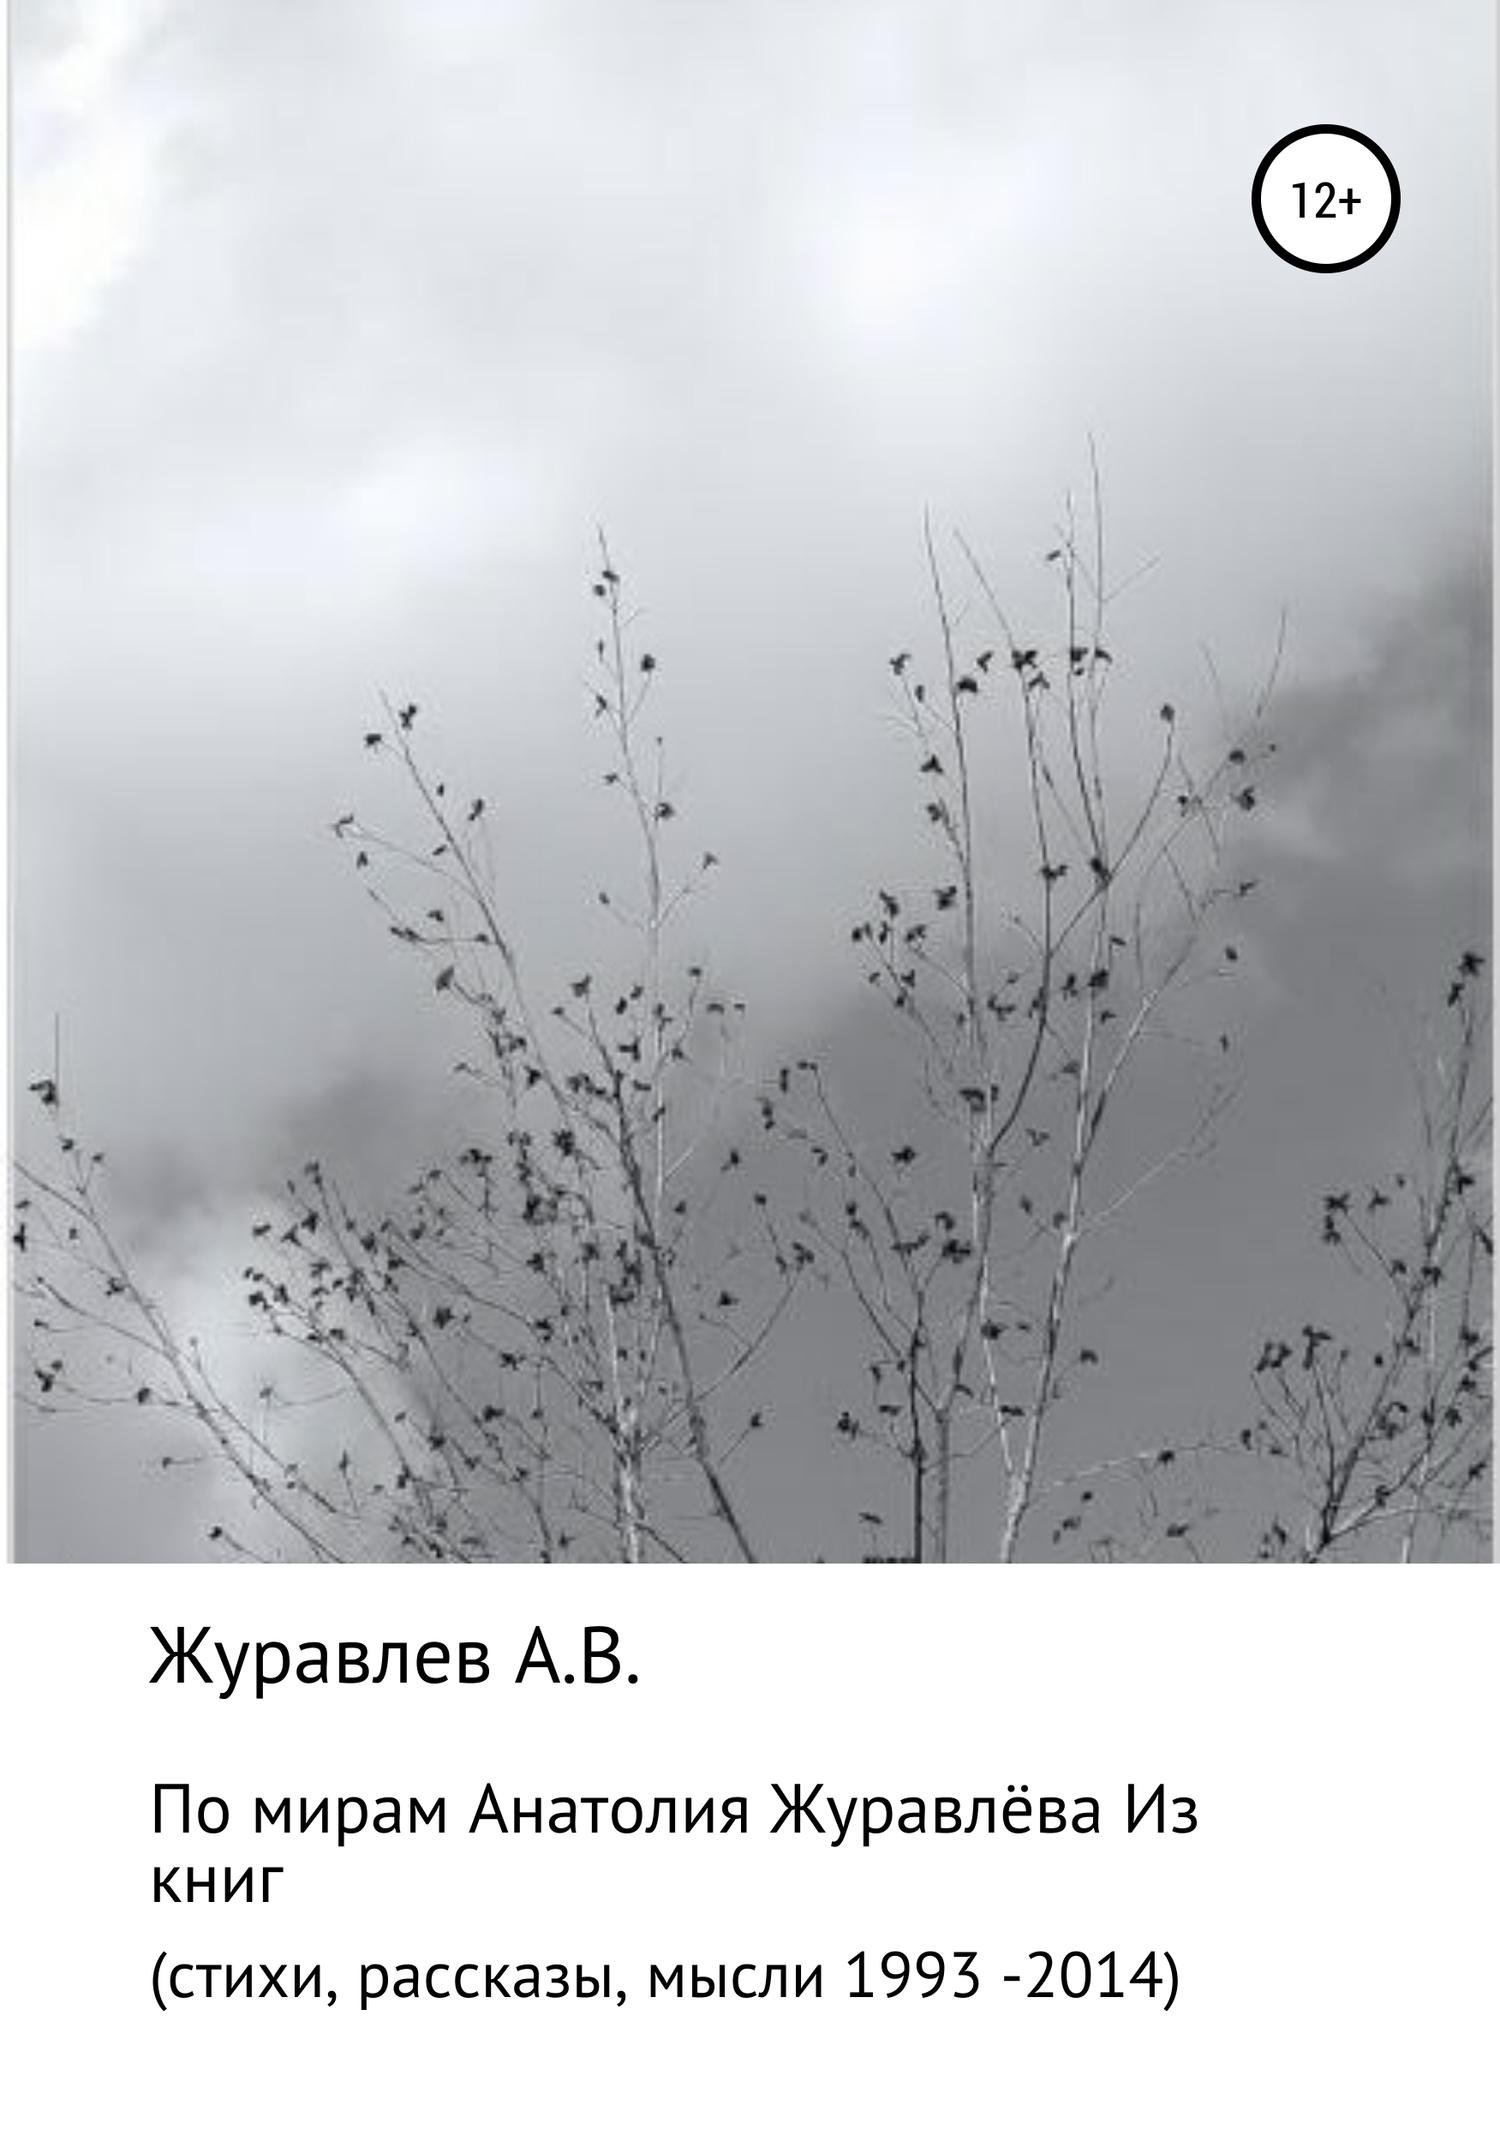 По мирам Анатолия Журавлева